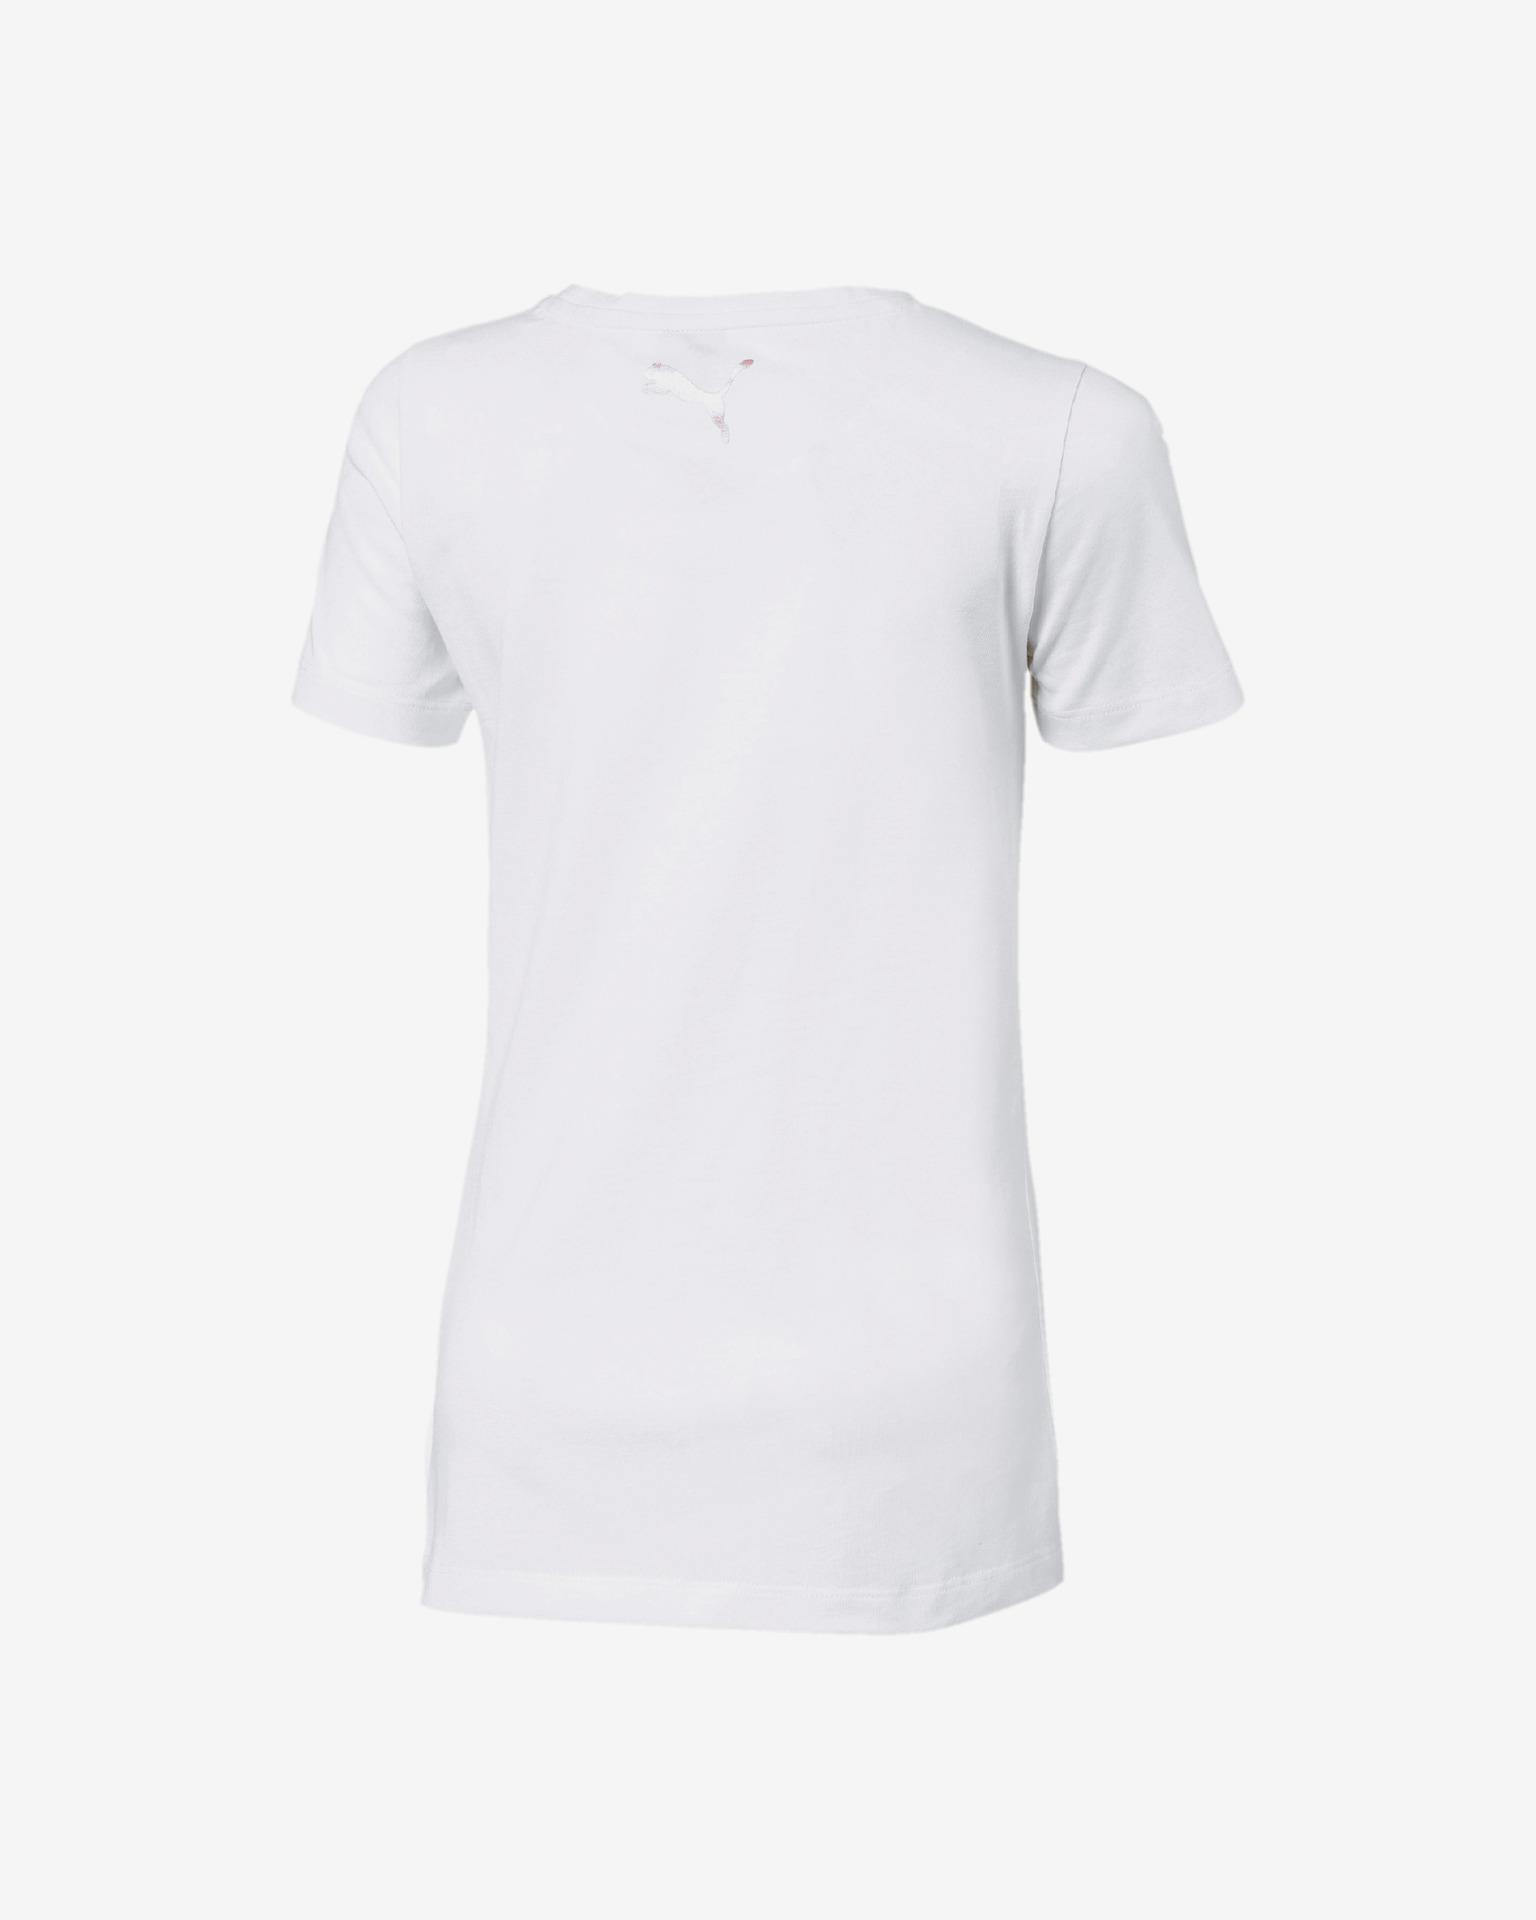 Puma Koszulka chłopięca biały